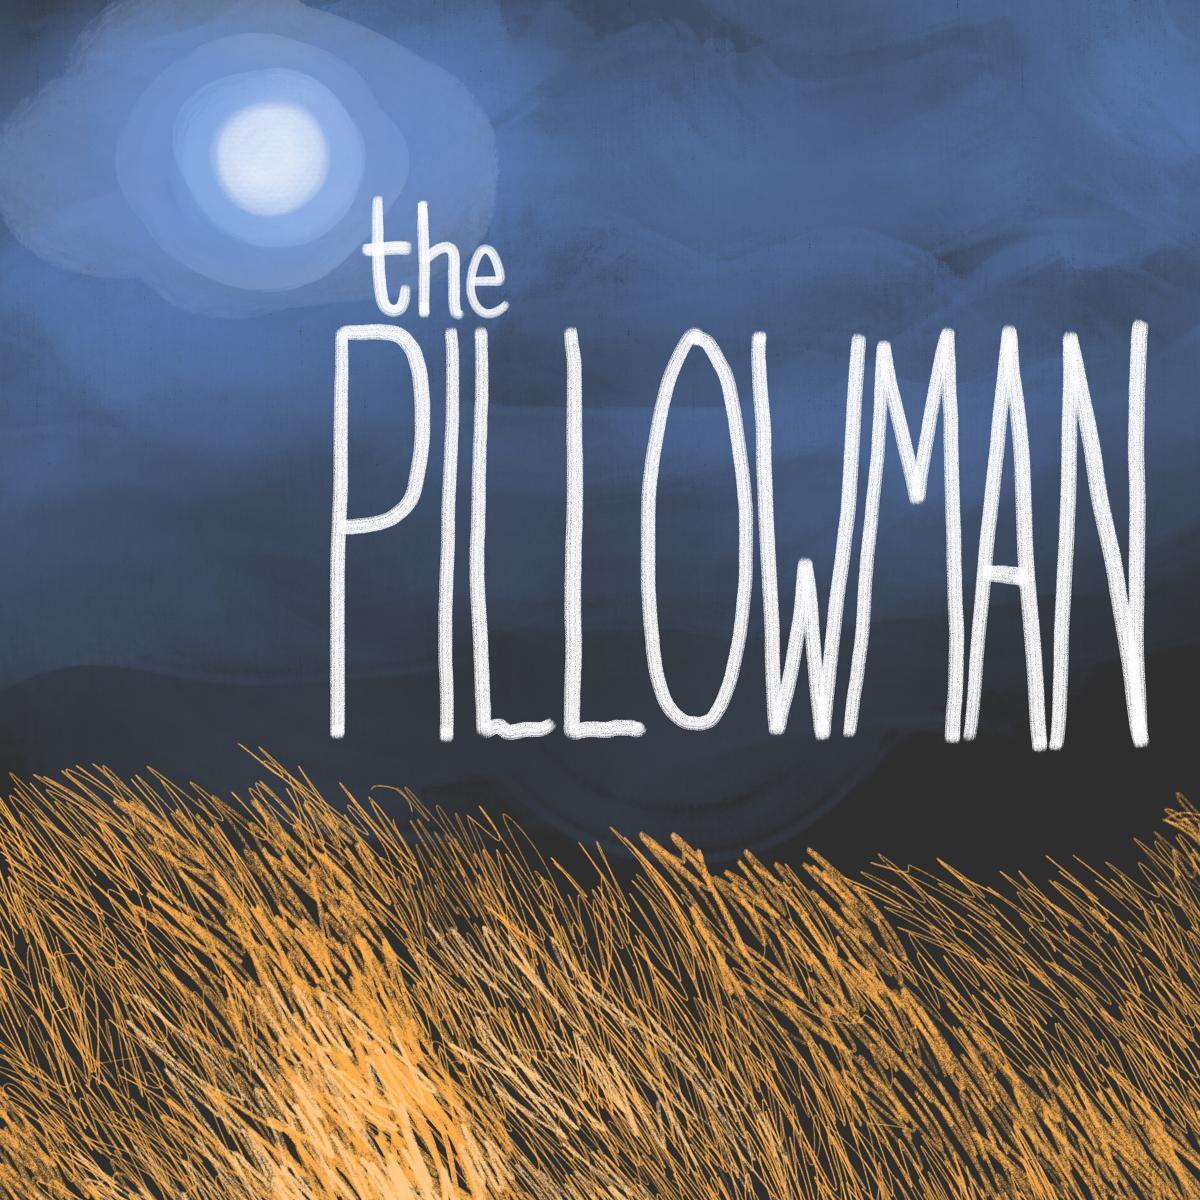 Pillowman 8x8 2